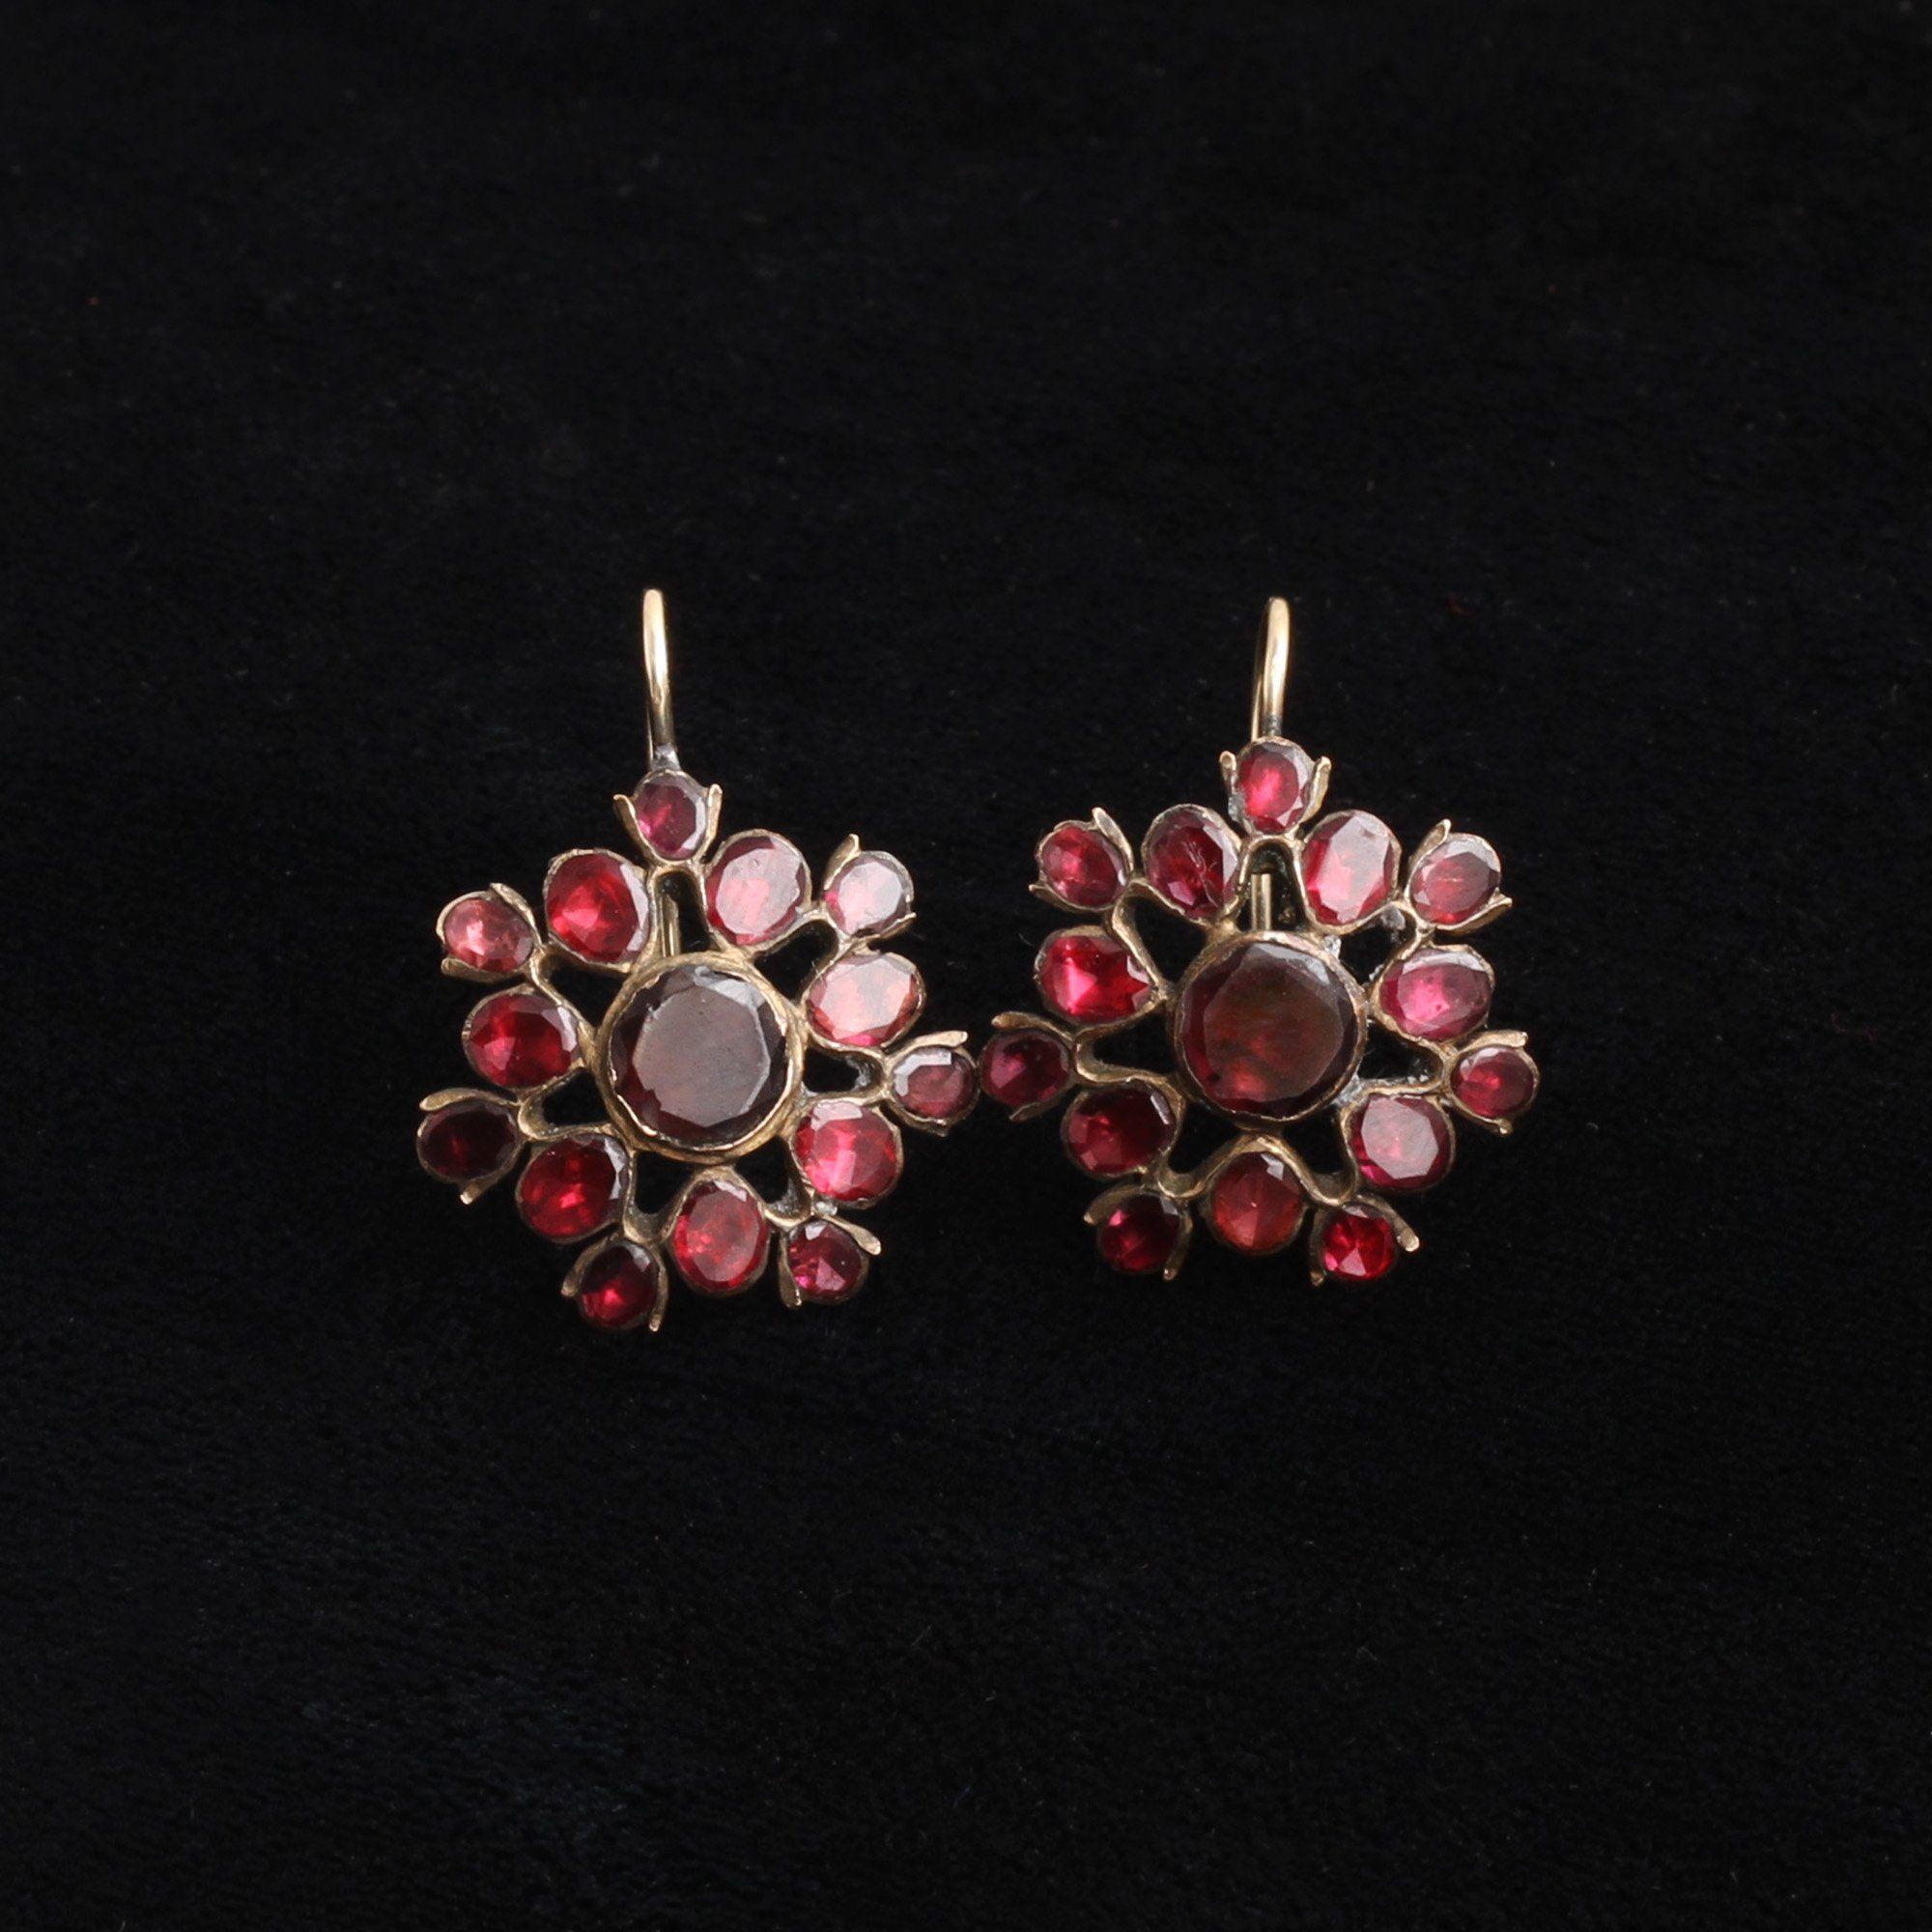 18th Century Flat Cut Garnet Cluster Earrings